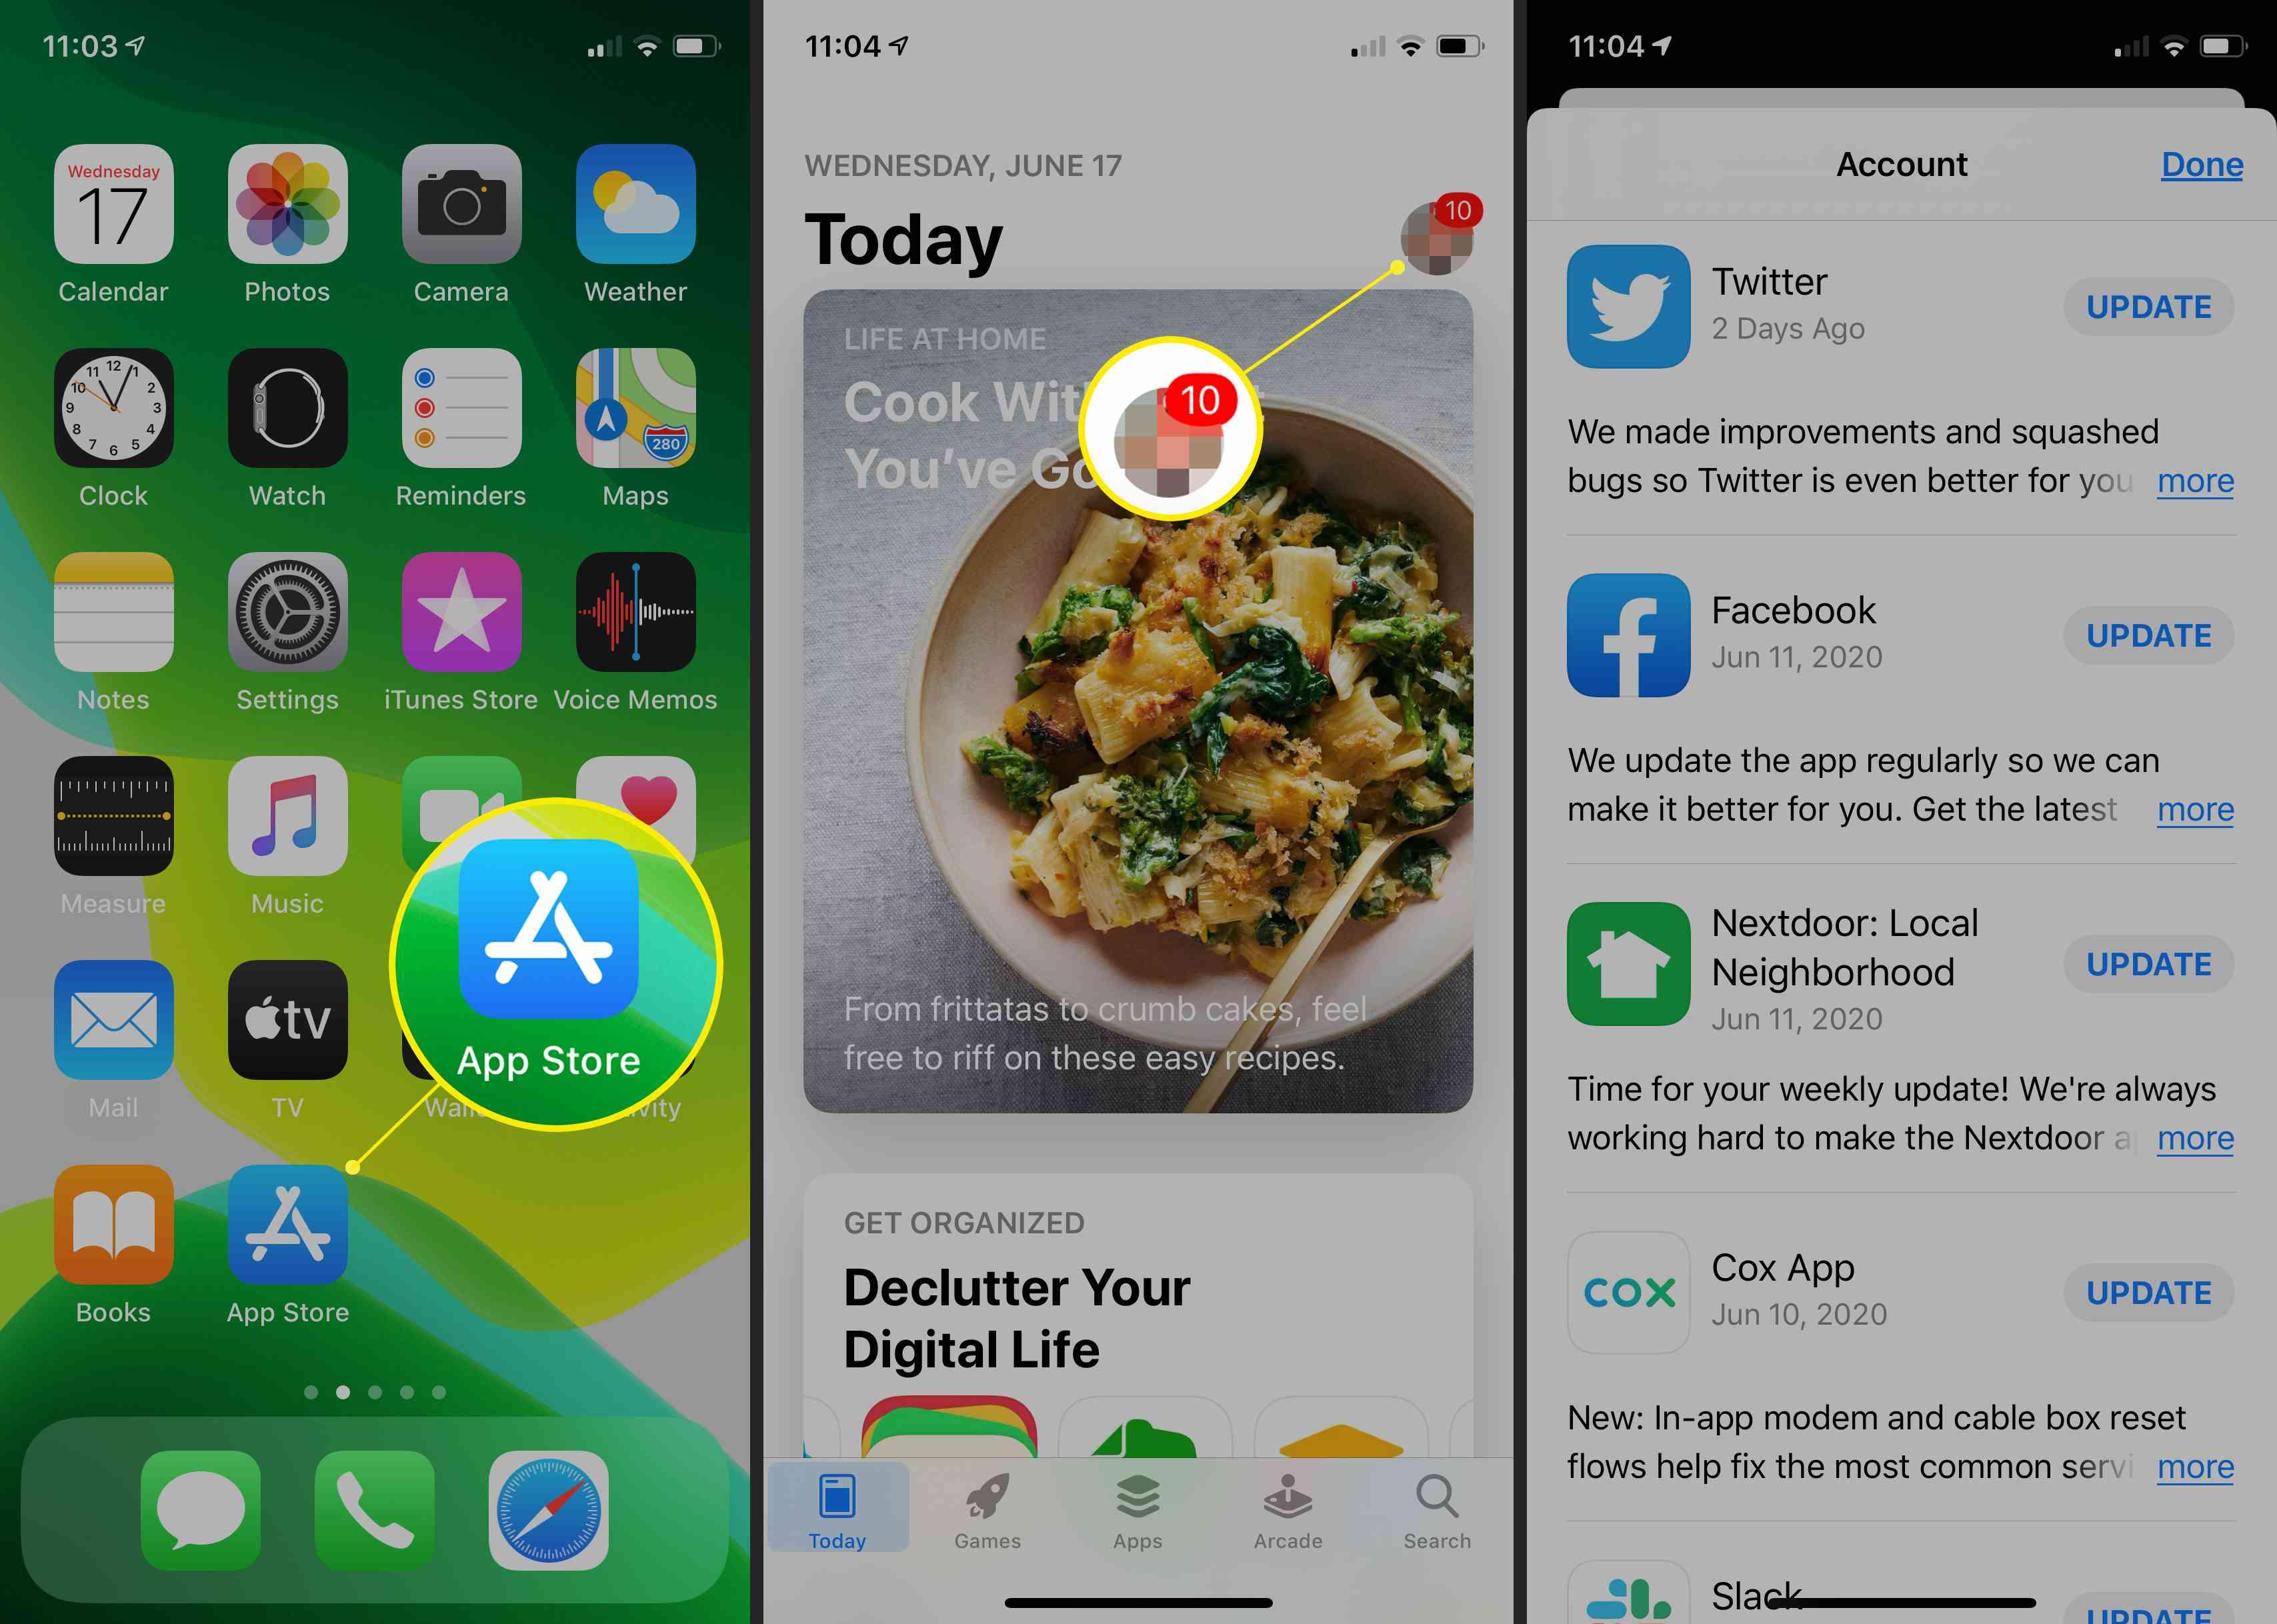 iPhone App Store Updates